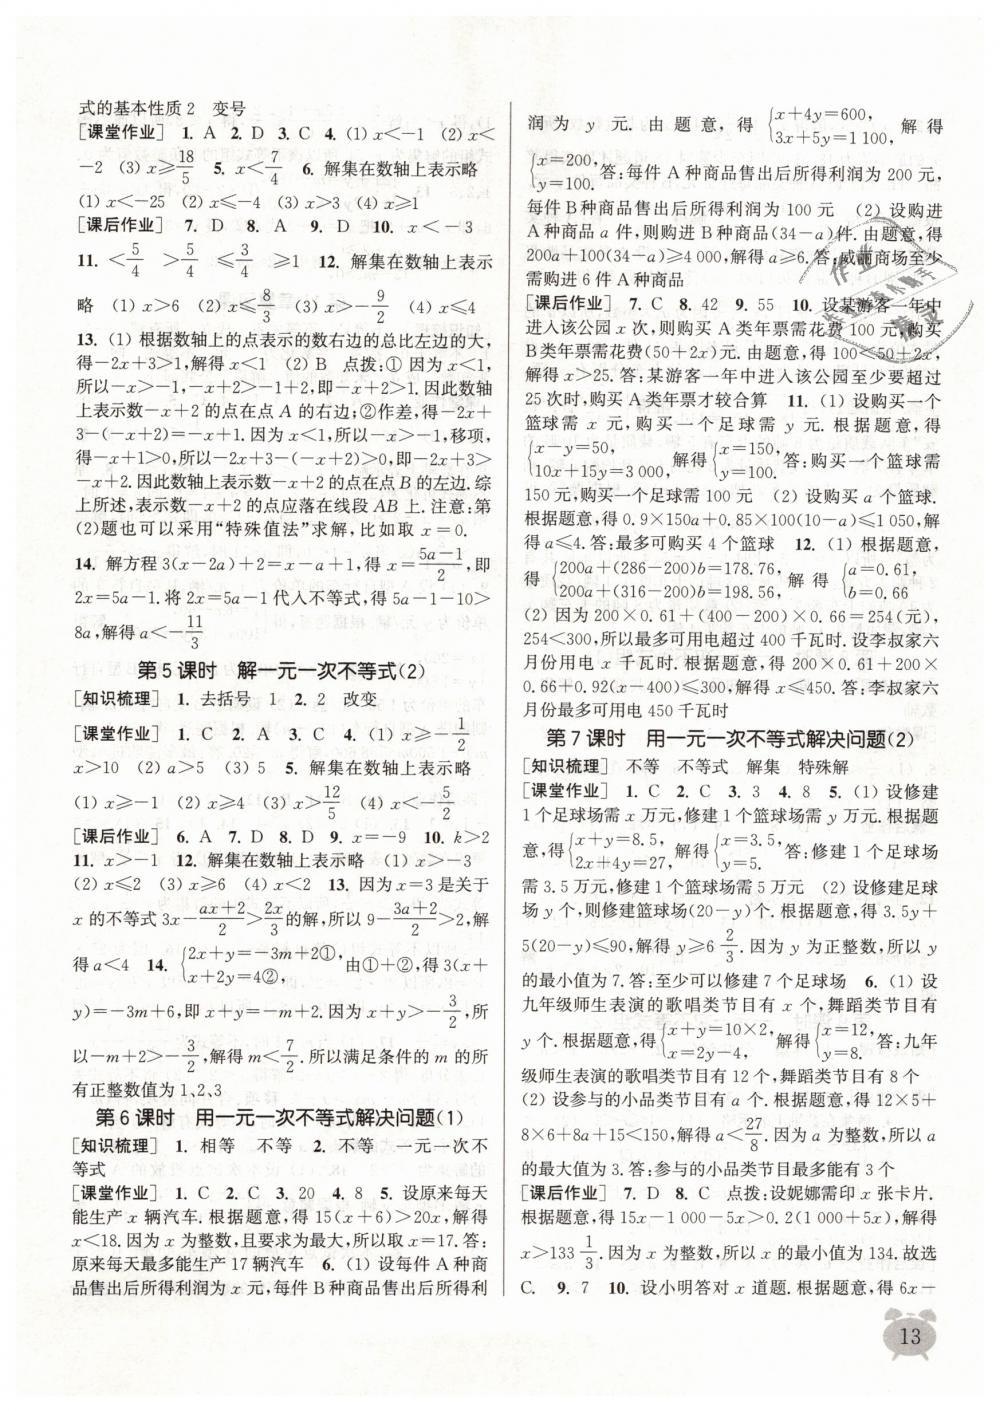 2019年通城学典课时作业本七年级数学下册苏科版江苏专用第13页